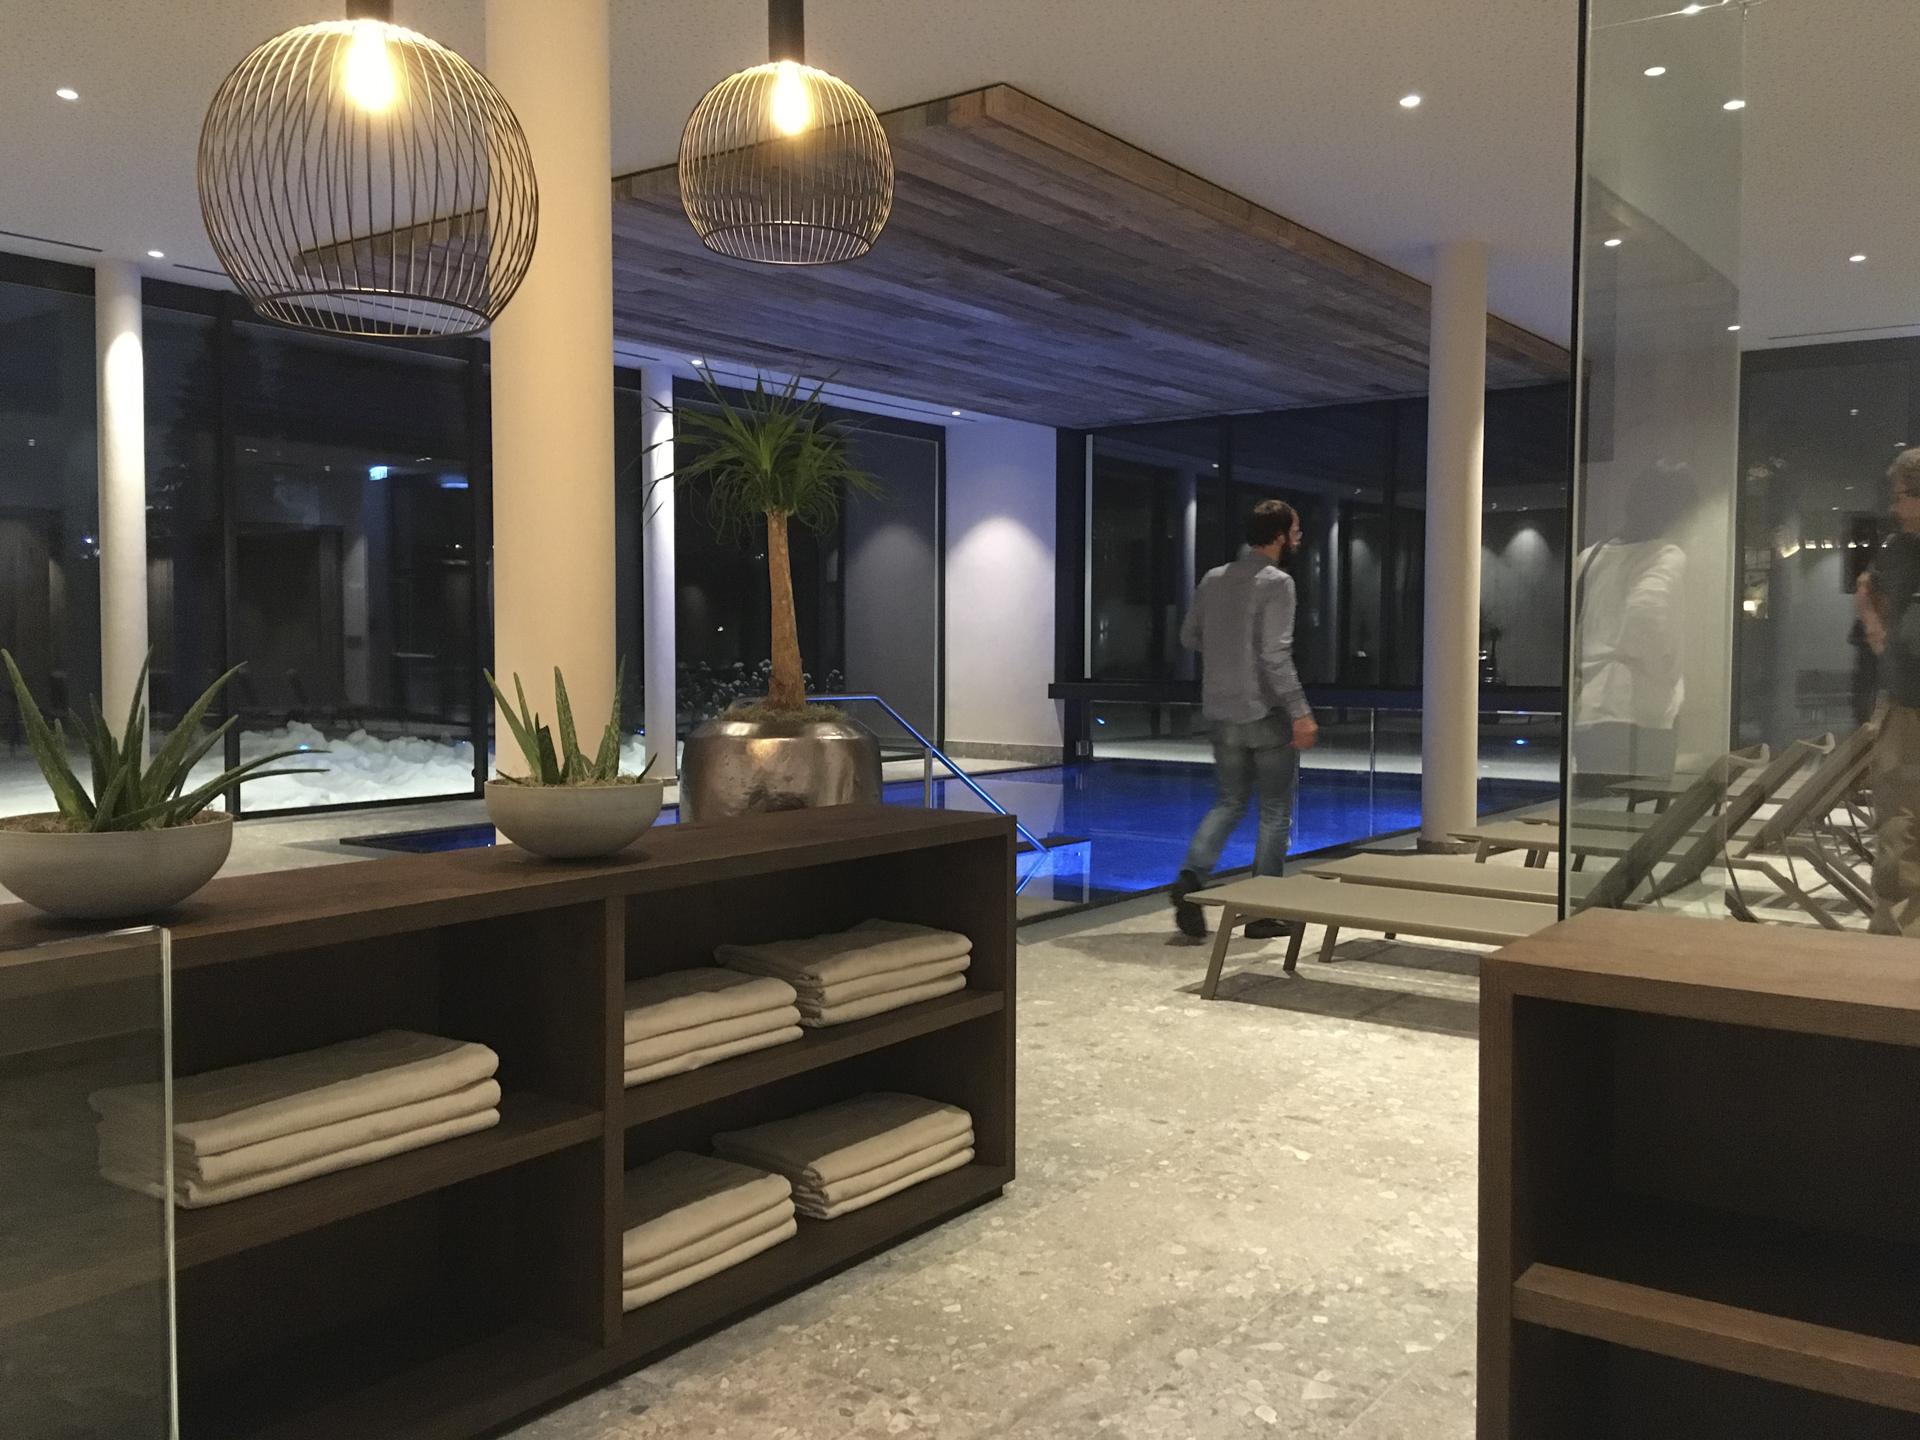 tischlerei-decker-Hotel-der-Baer-Pool